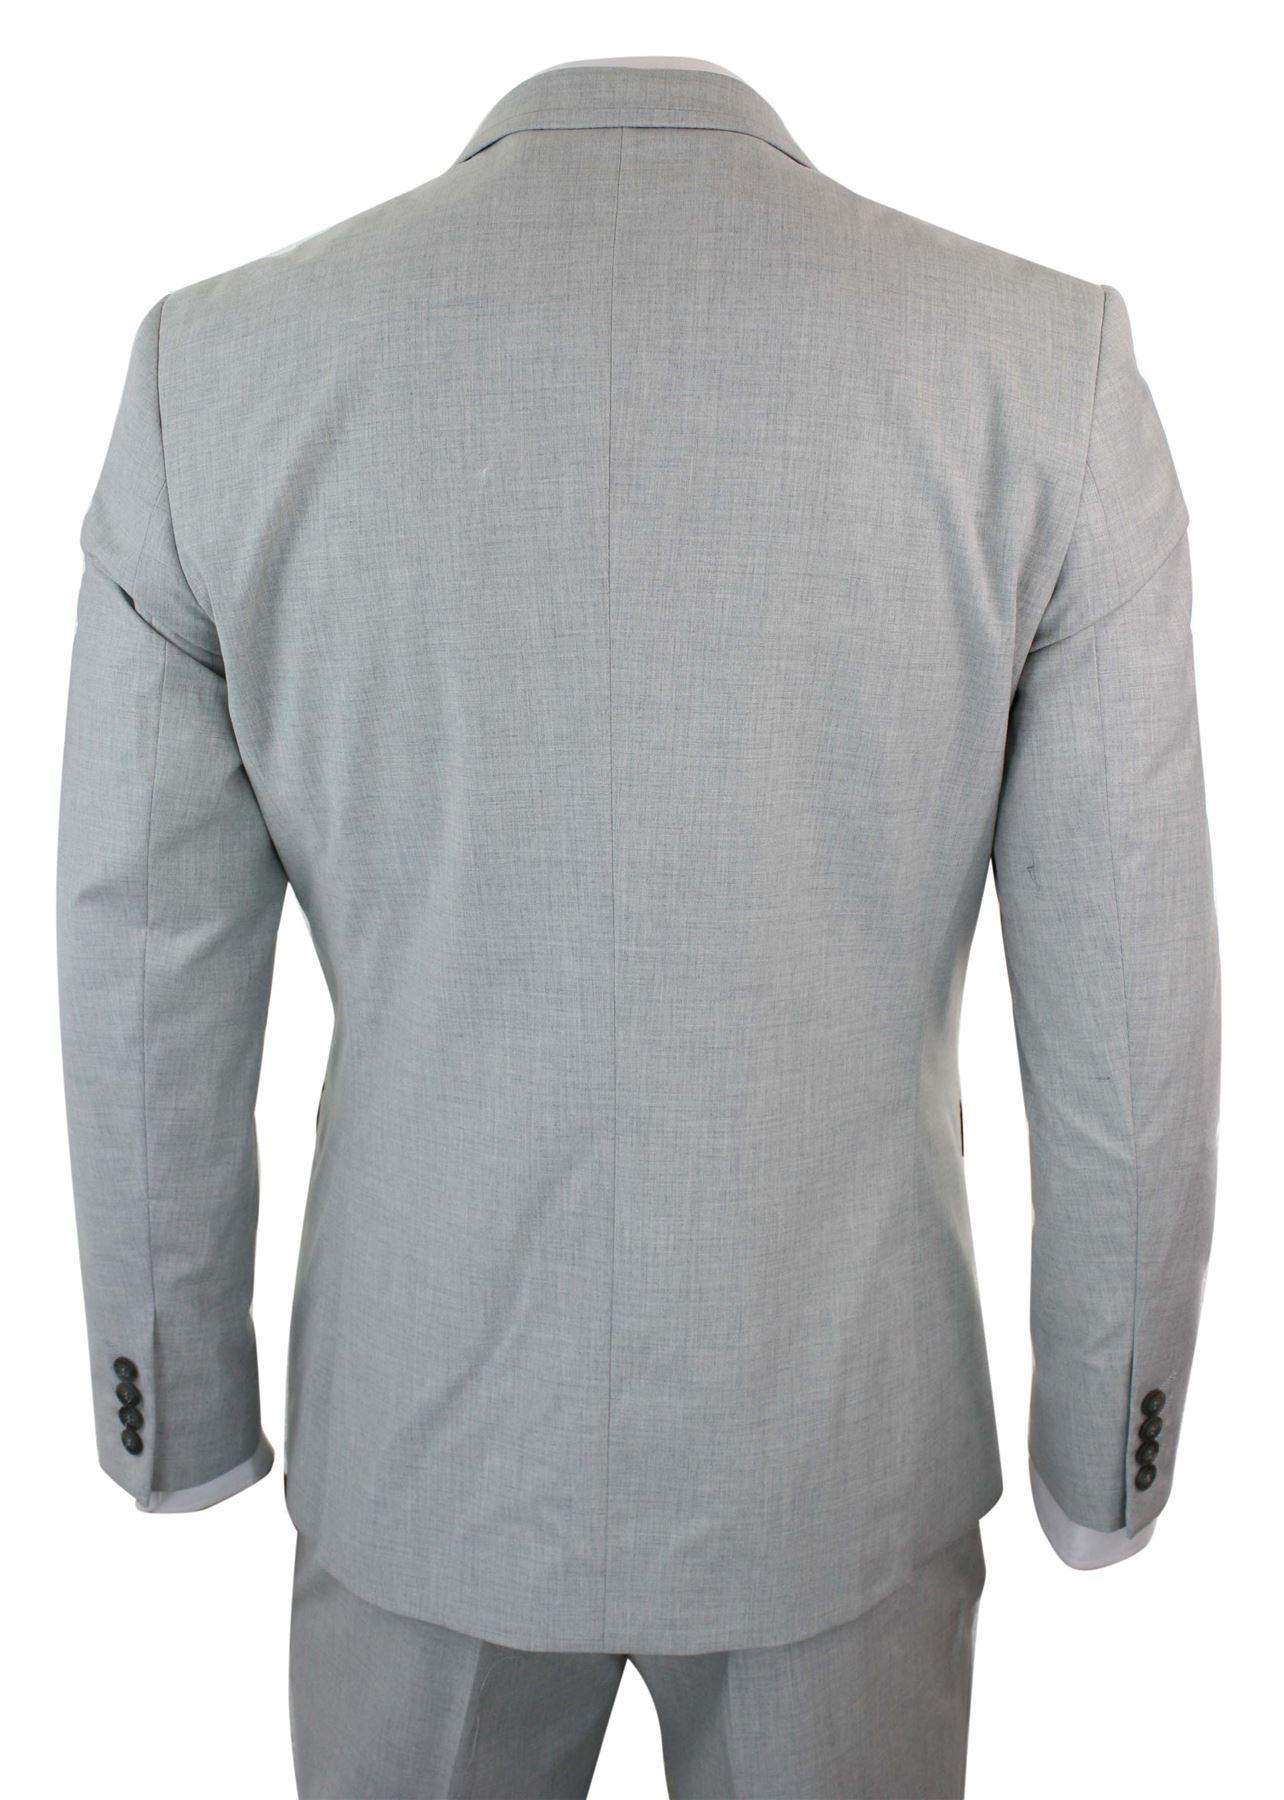 grand choix de 0118a a8801 Détails sur Costume 3 pièces homme gris clair ajusté veste gilet pantalon  vendus séparemment